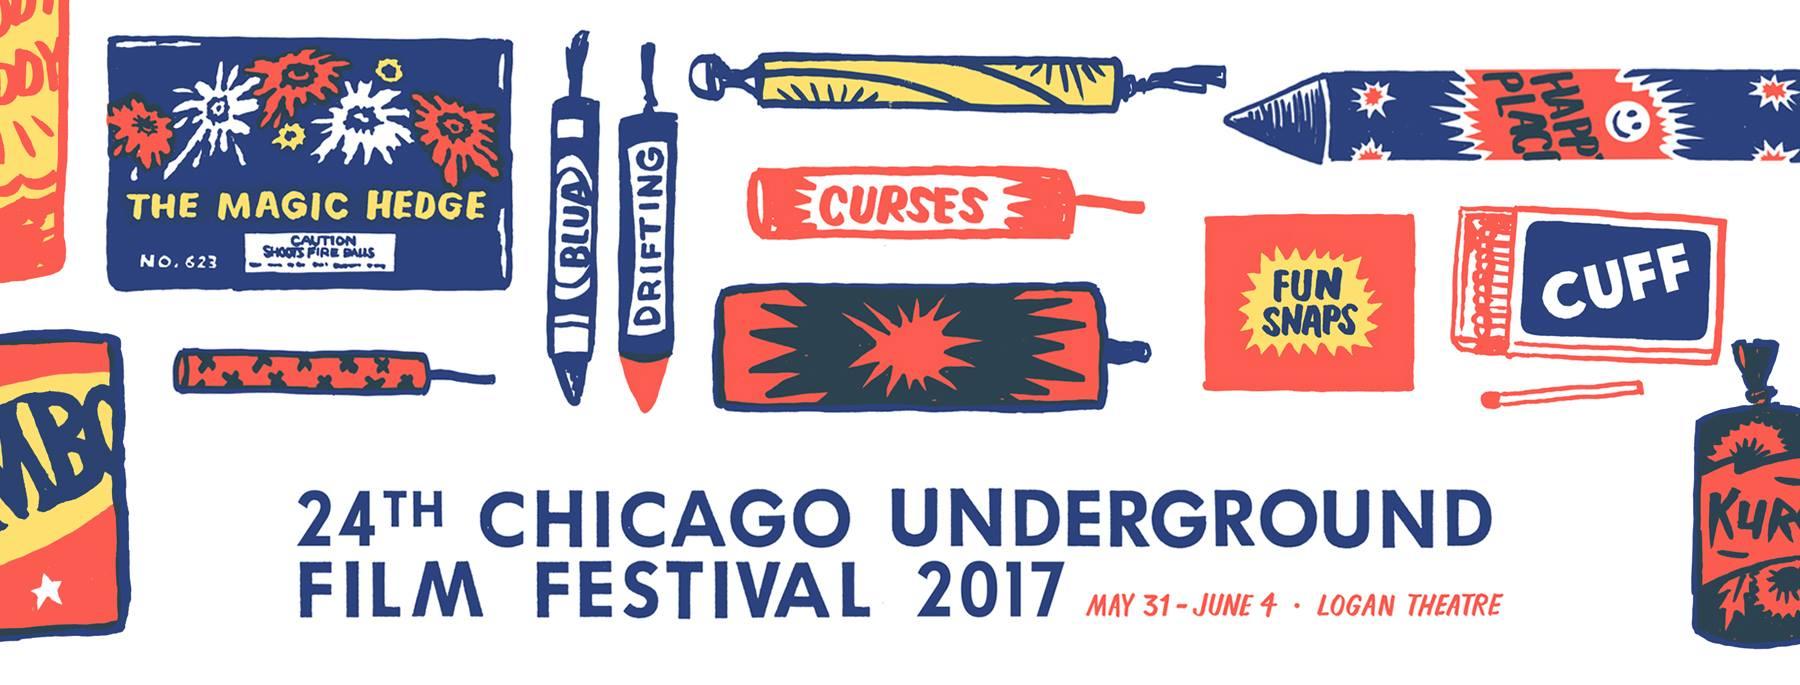 24th Chicago Underground Film Festival.jpg